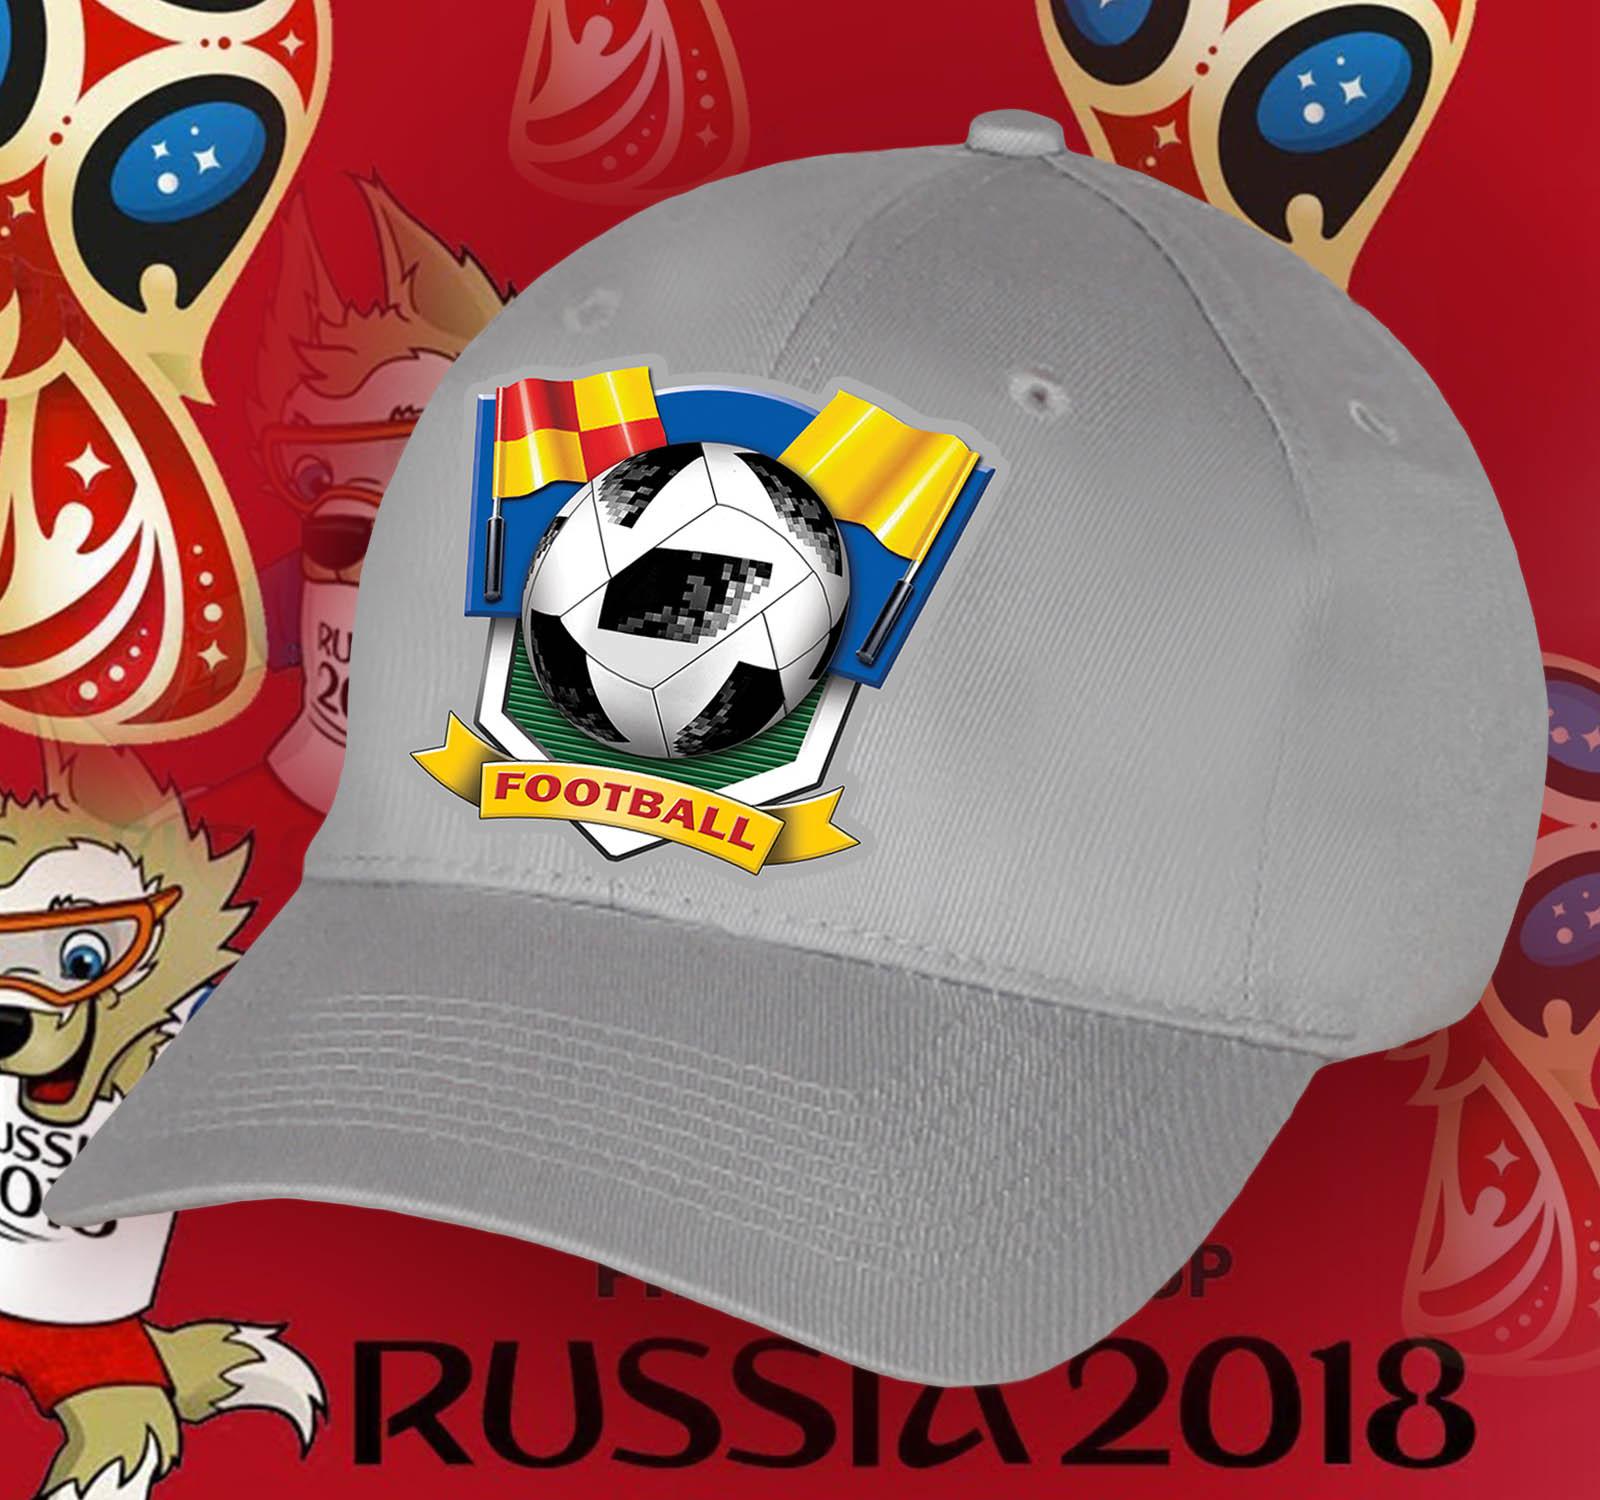 Футбольная серая кепка болельщику